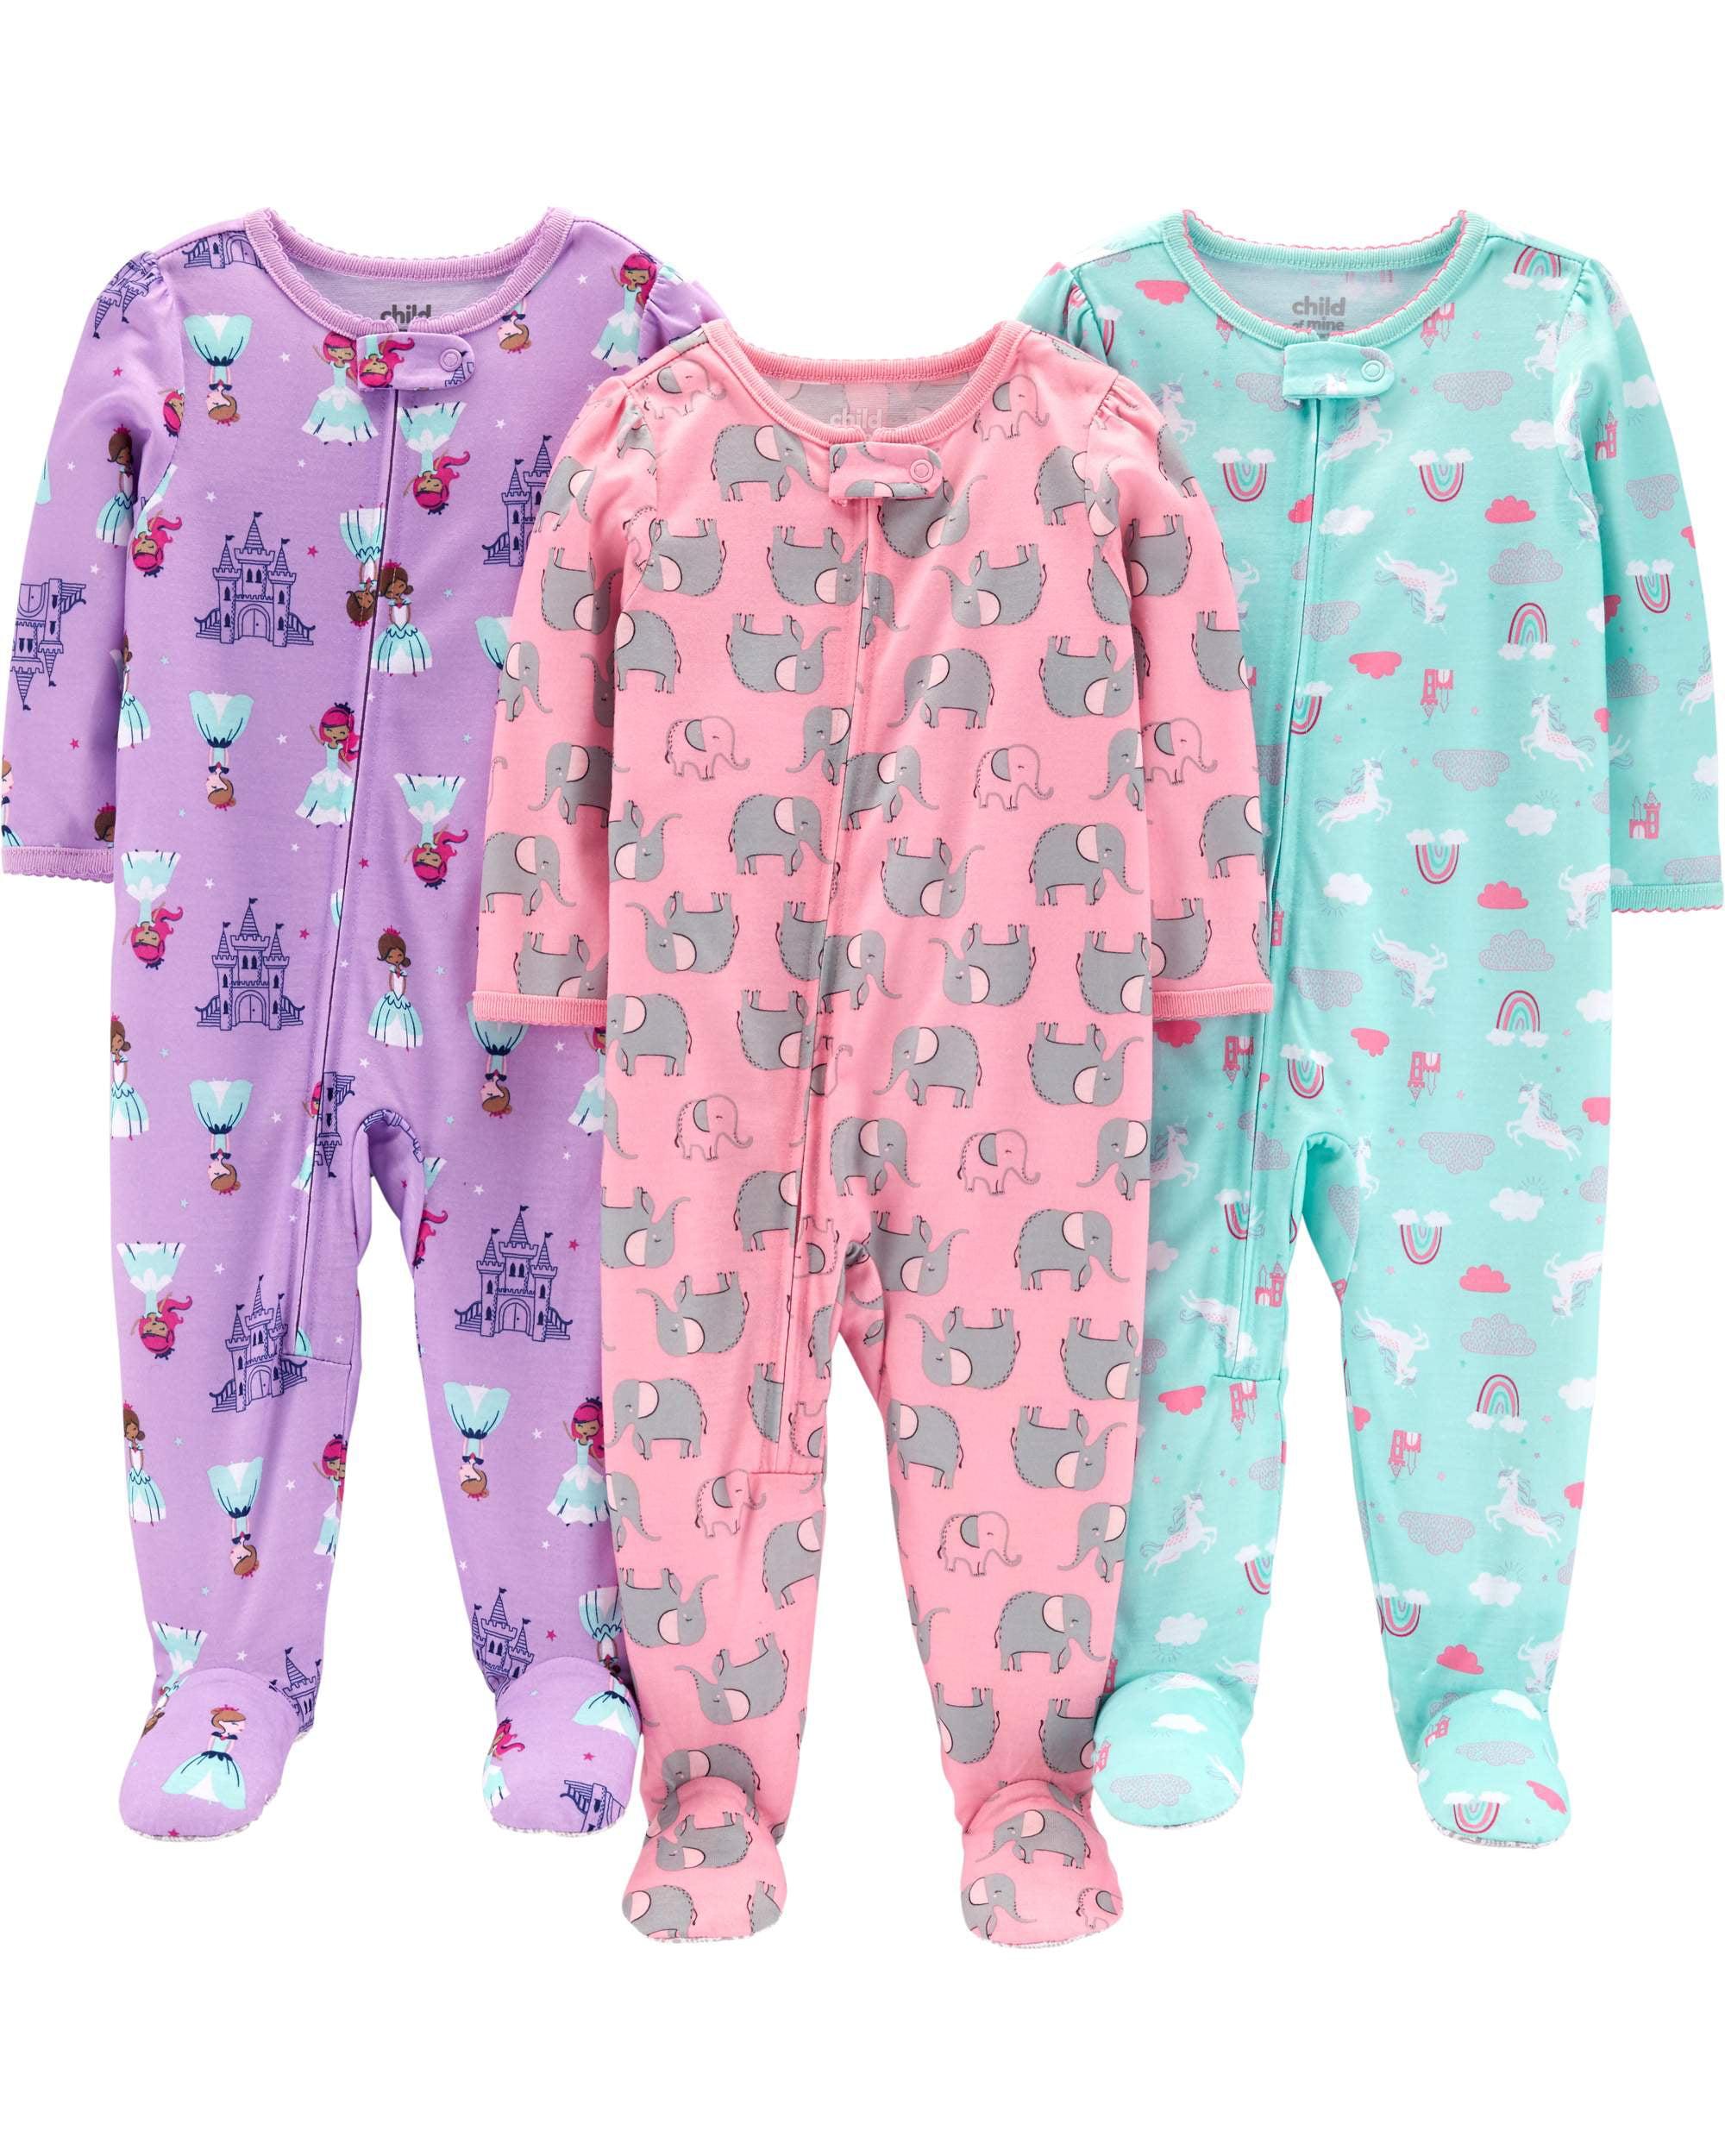 Long Sleeve Footed Pajamas Bundle, 3 pack (Toddler Girls)